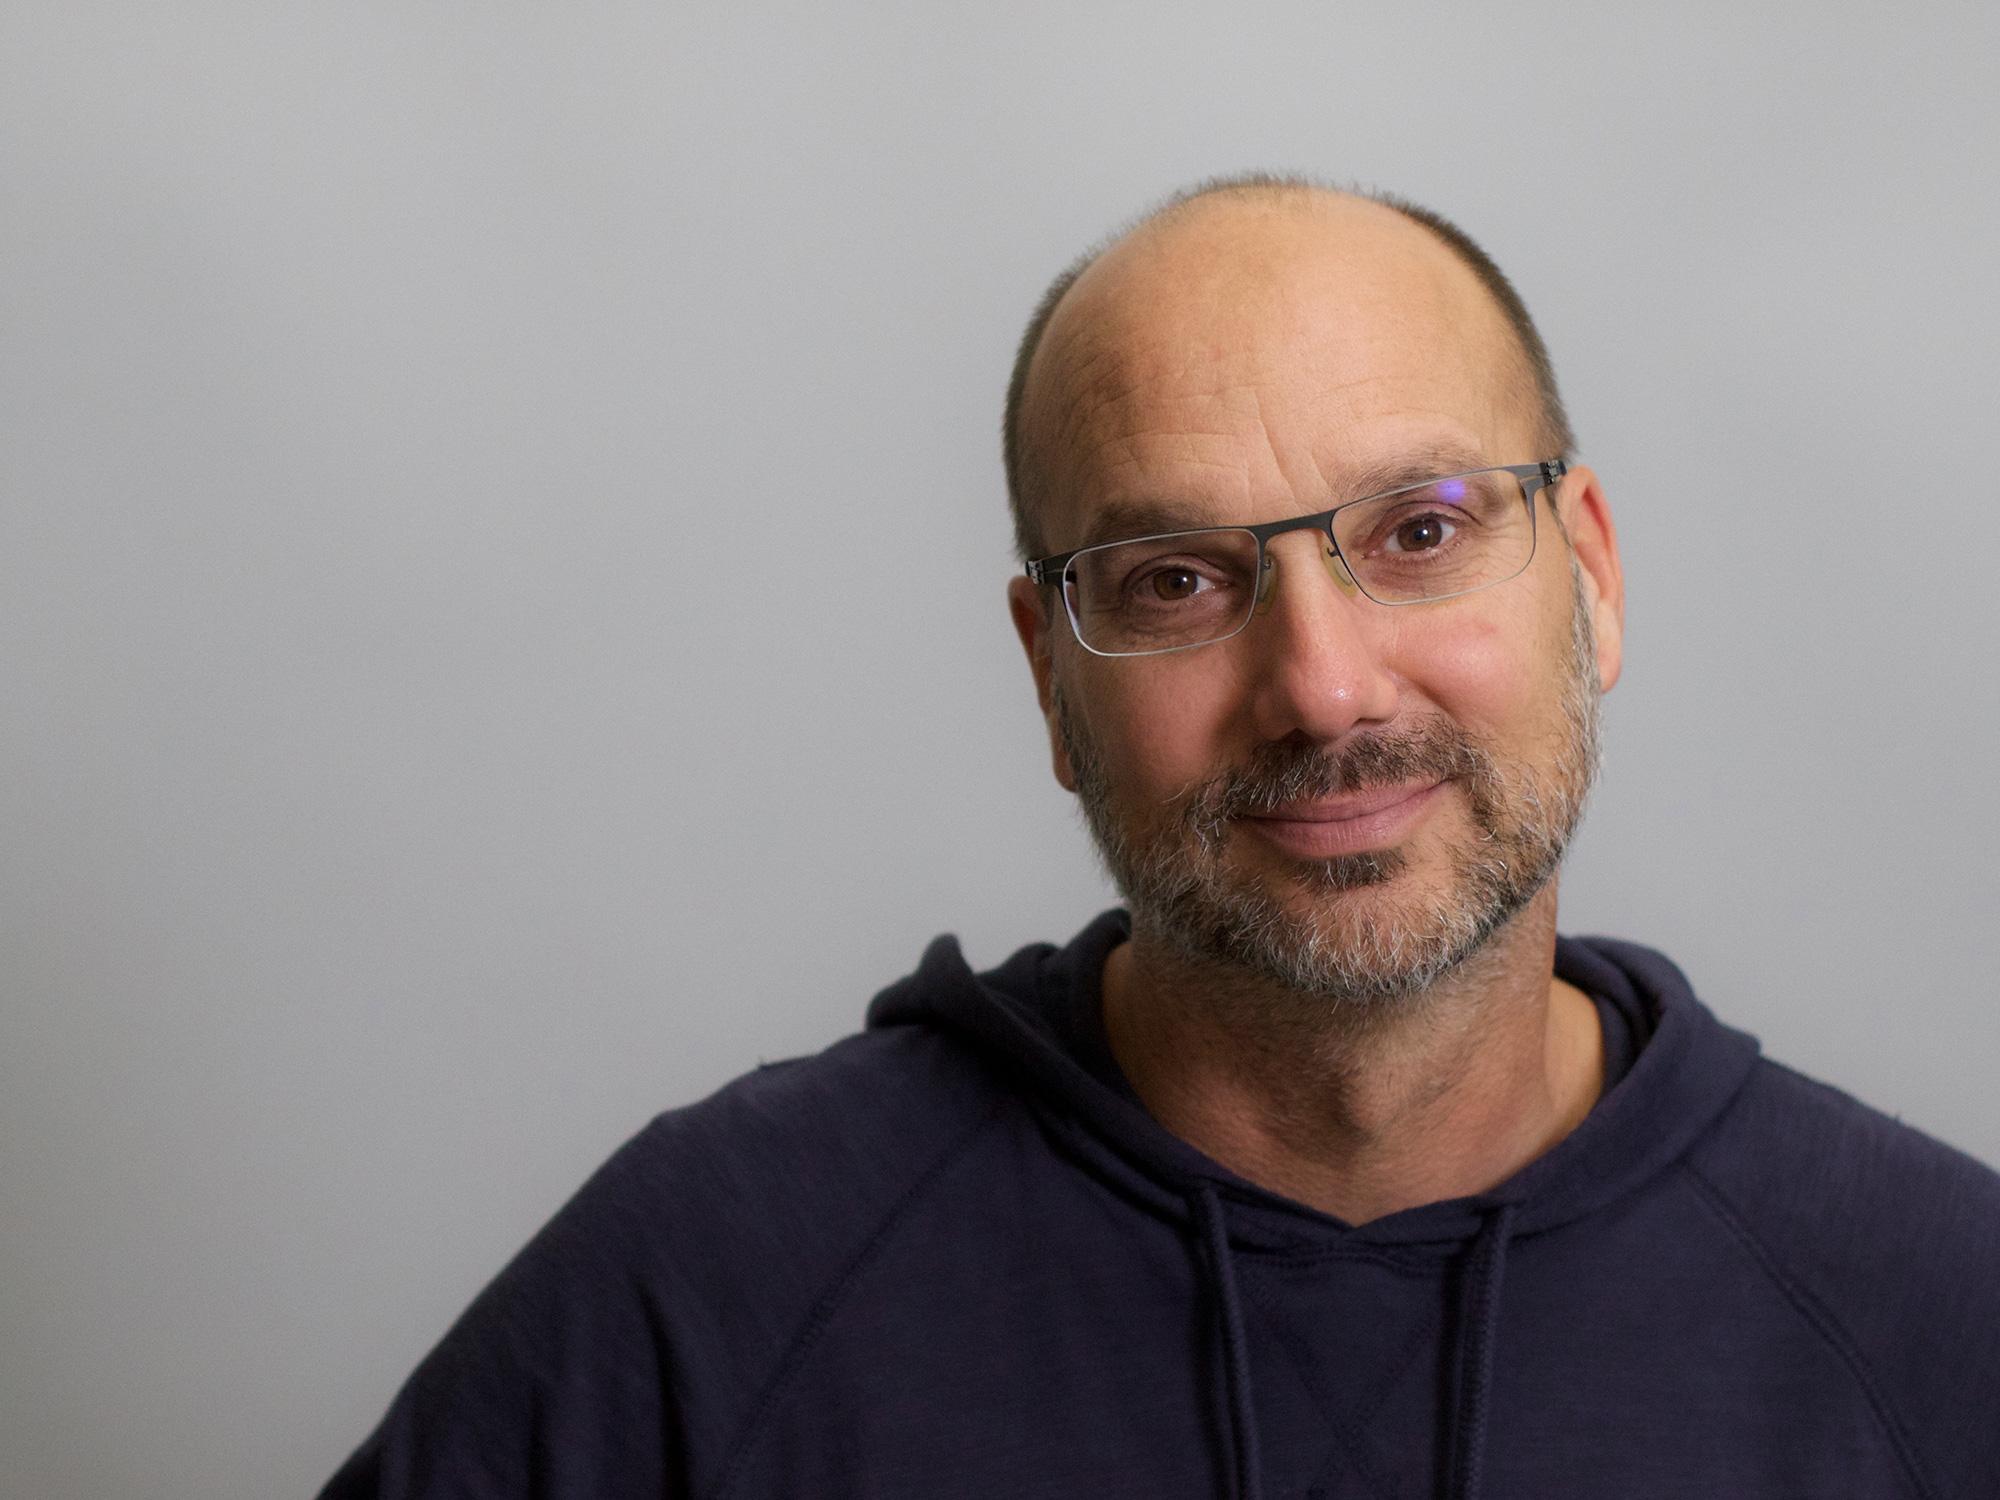 Andy Rubin har tatt ut permisjon etter anklagene.